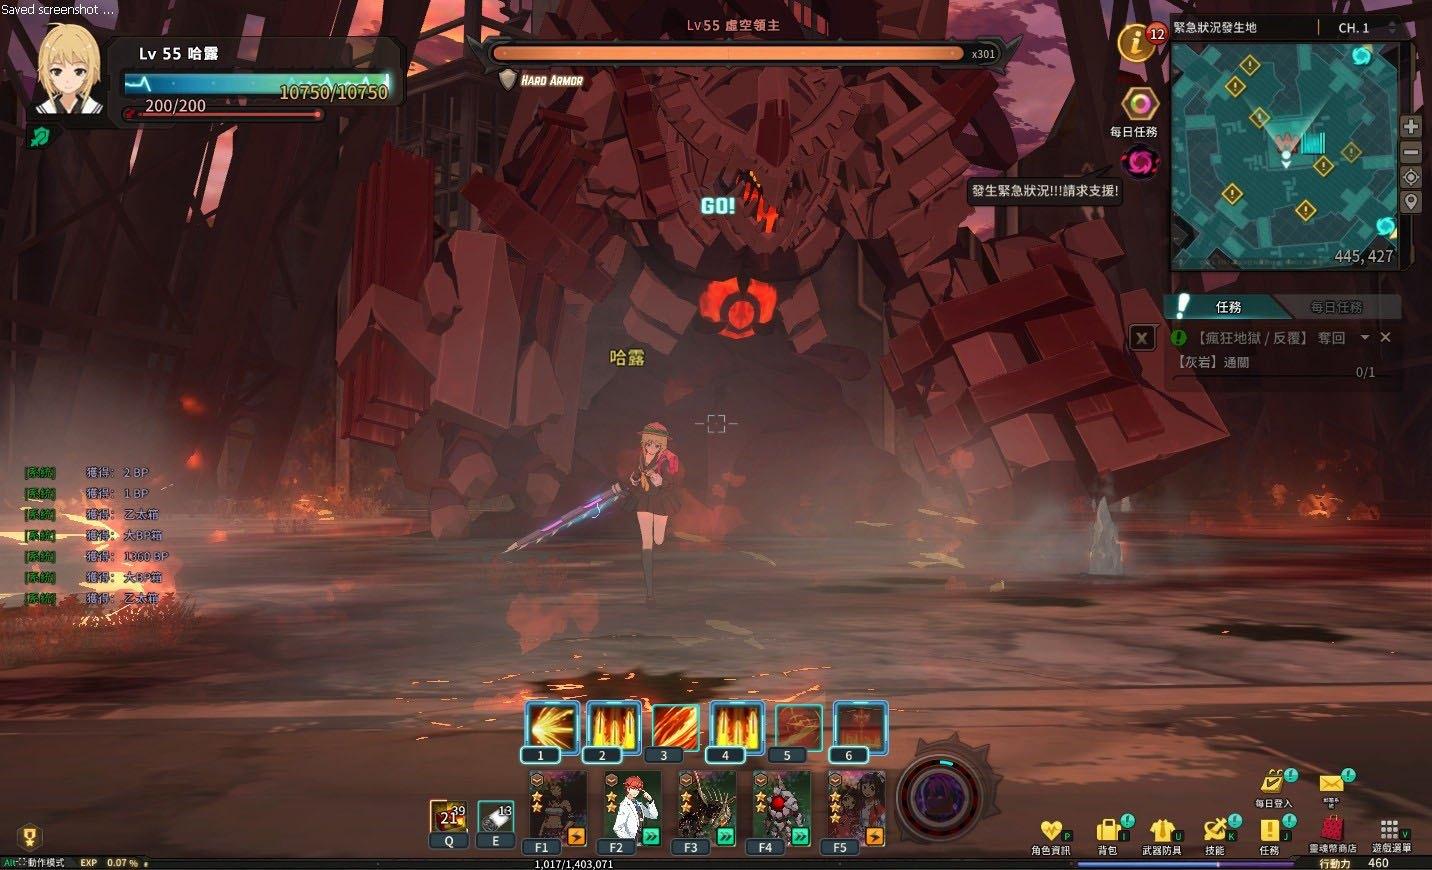 ★BOSS「虛空領主」是一隻全身佈滿咖啡色裝甲的巨大怪物,牠是「第六區域」至高無上的霸主 (2)